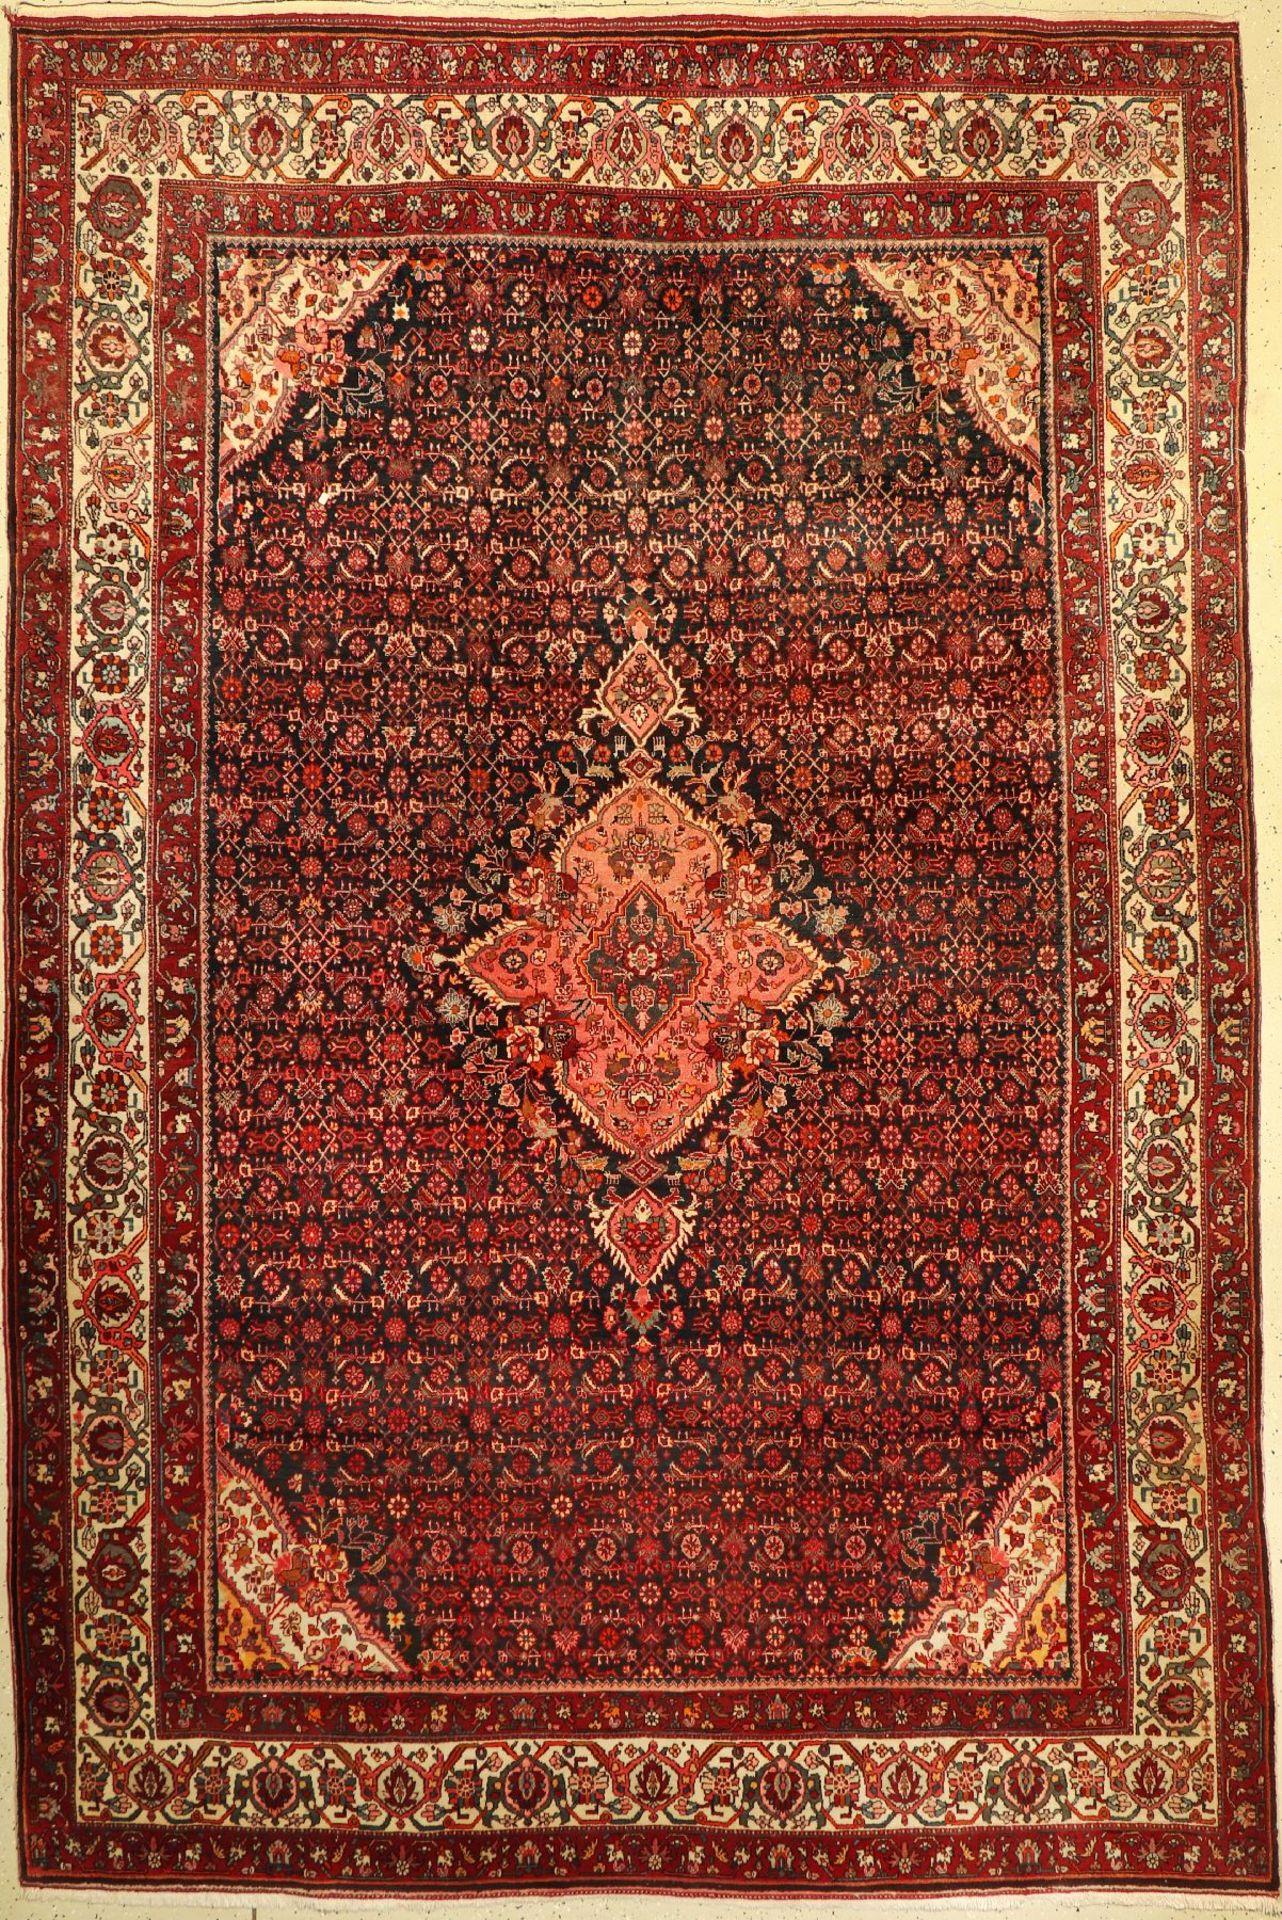 Bidjar, Persien, ca. 60 Jahre, Wolle auf Baumwolle, ca. 335 x 225 cm, EHZ: 2Bidjar, Persia,